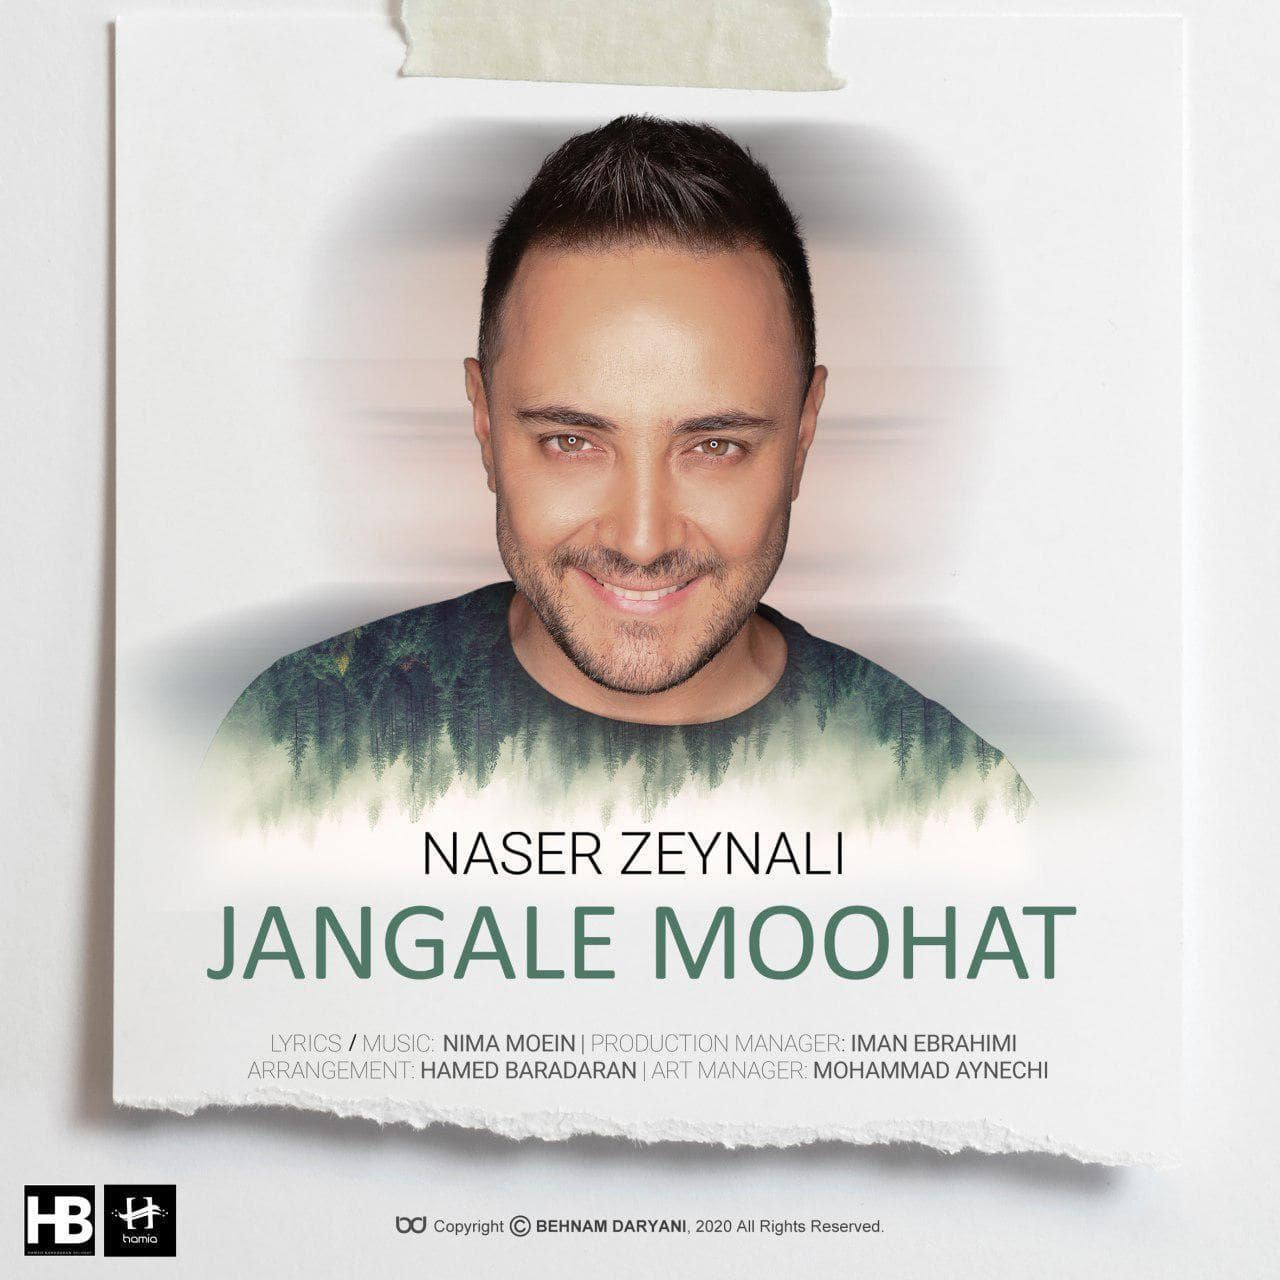 Naser Zeynali – Jangale Moohat